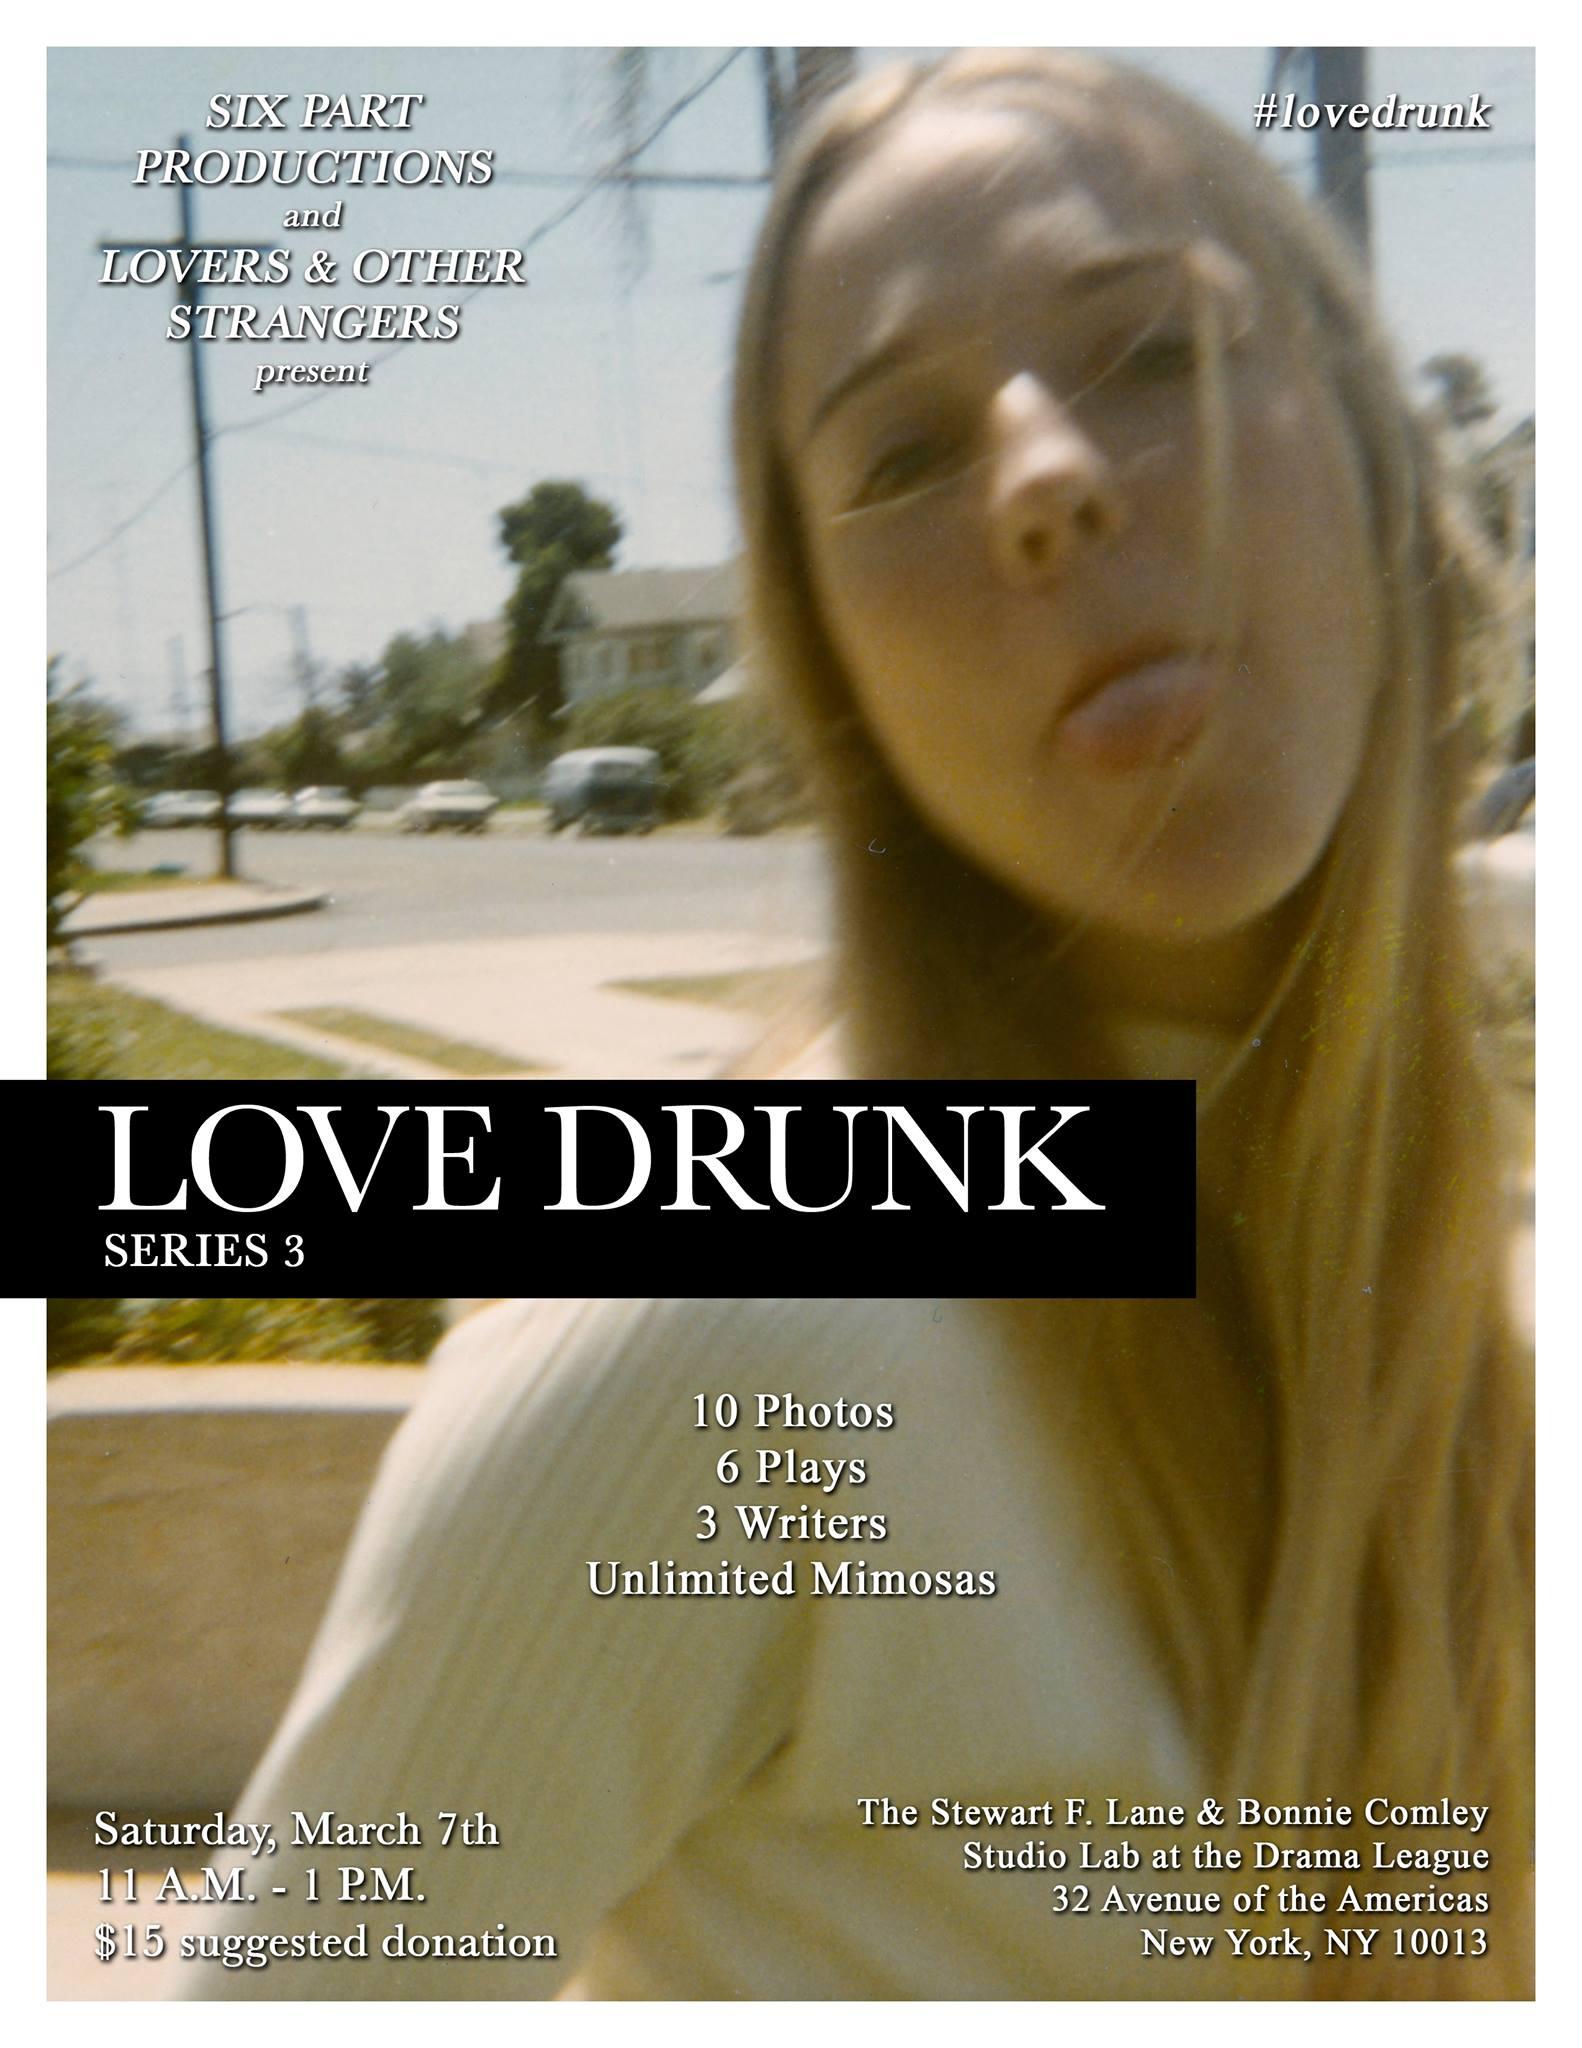 Love Drunk Series 3